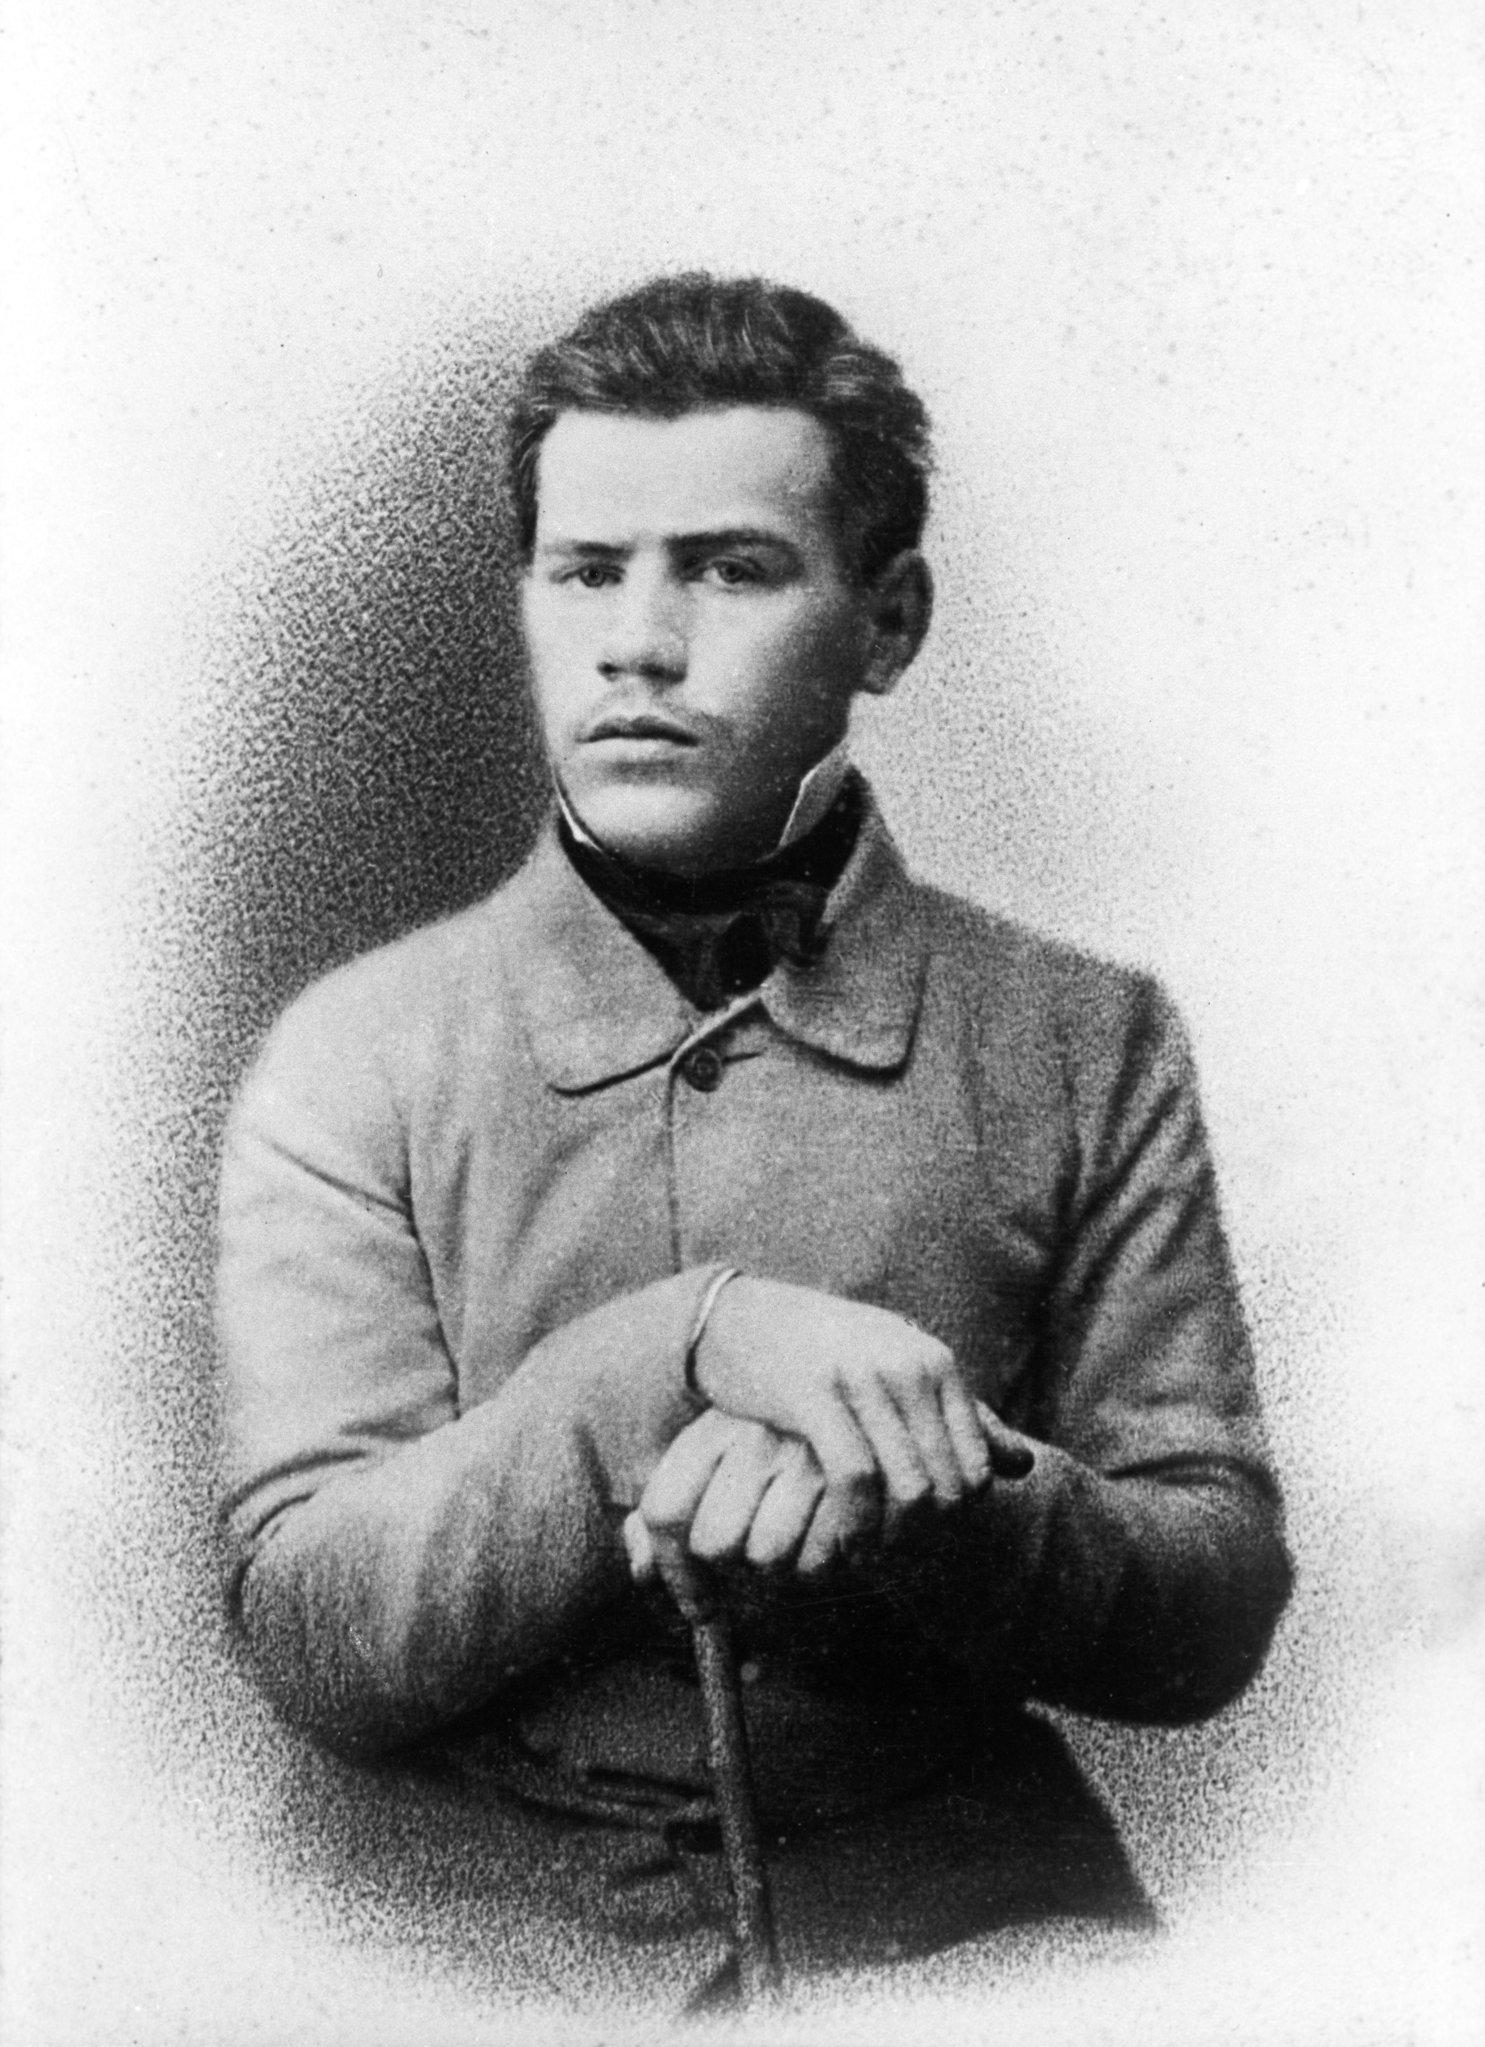 Русский писатель Лев Николаевич Толстой (1828-1910). Февраль 1951 года. Репродукция фотографии.